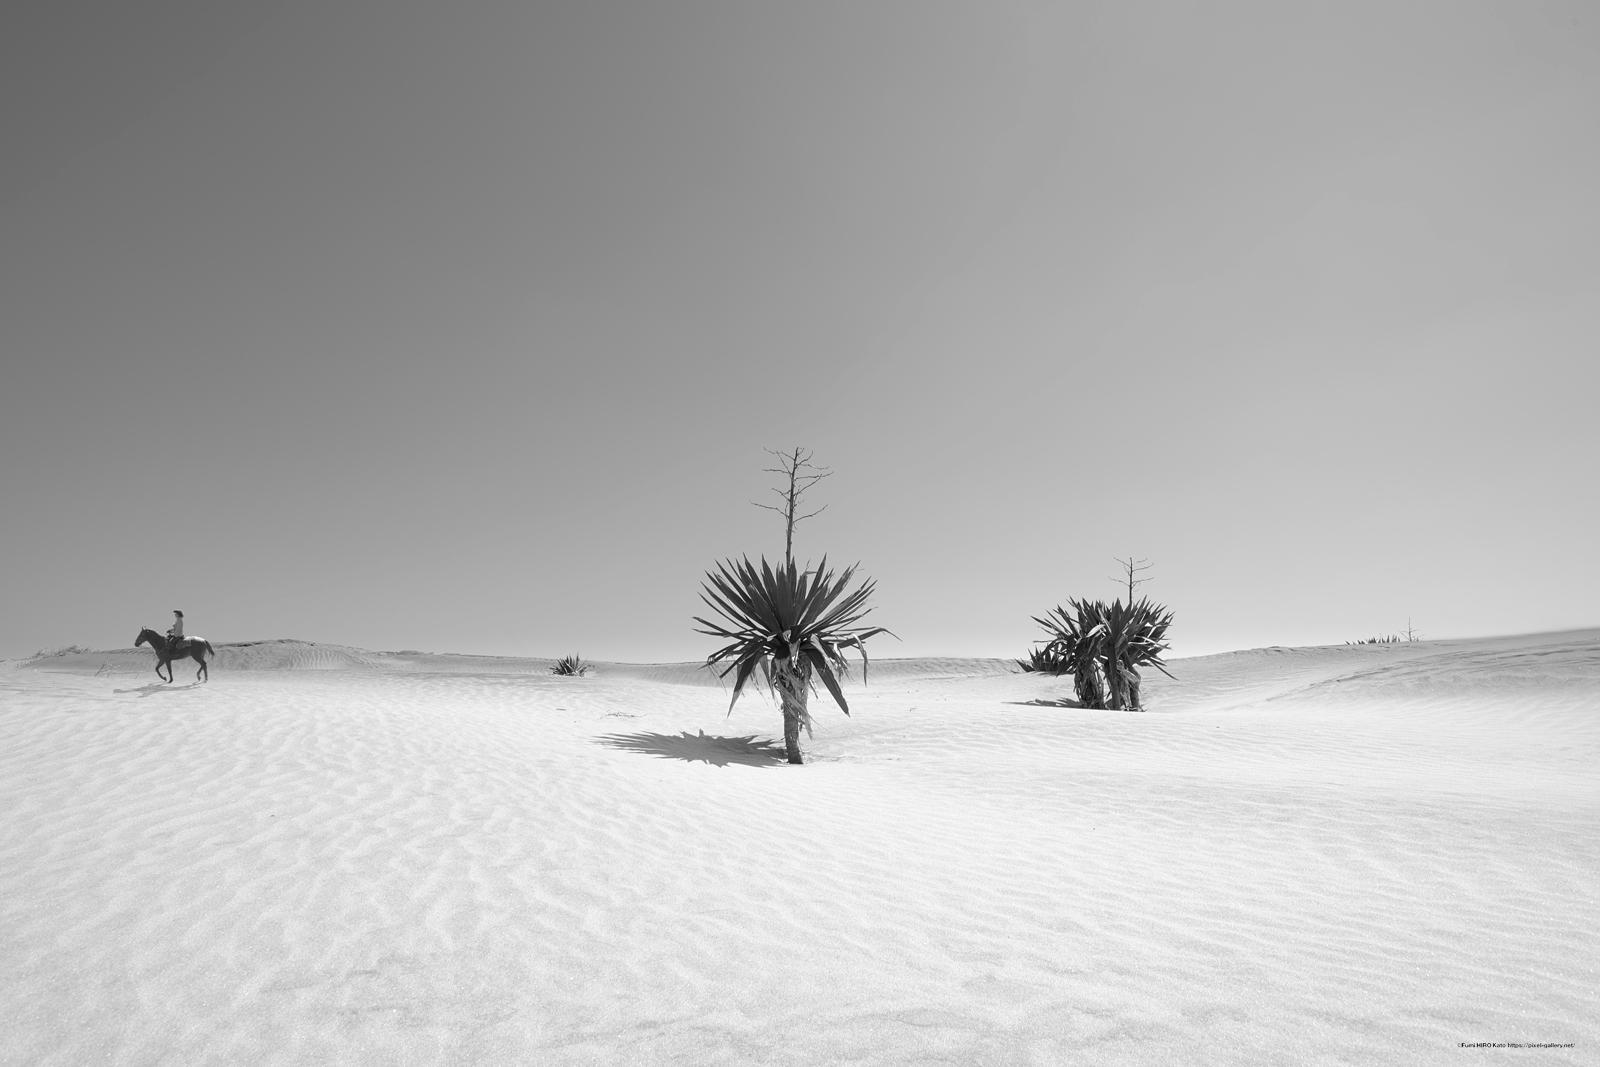 惑星と文明 19-013 時間は砂となって降り積もる